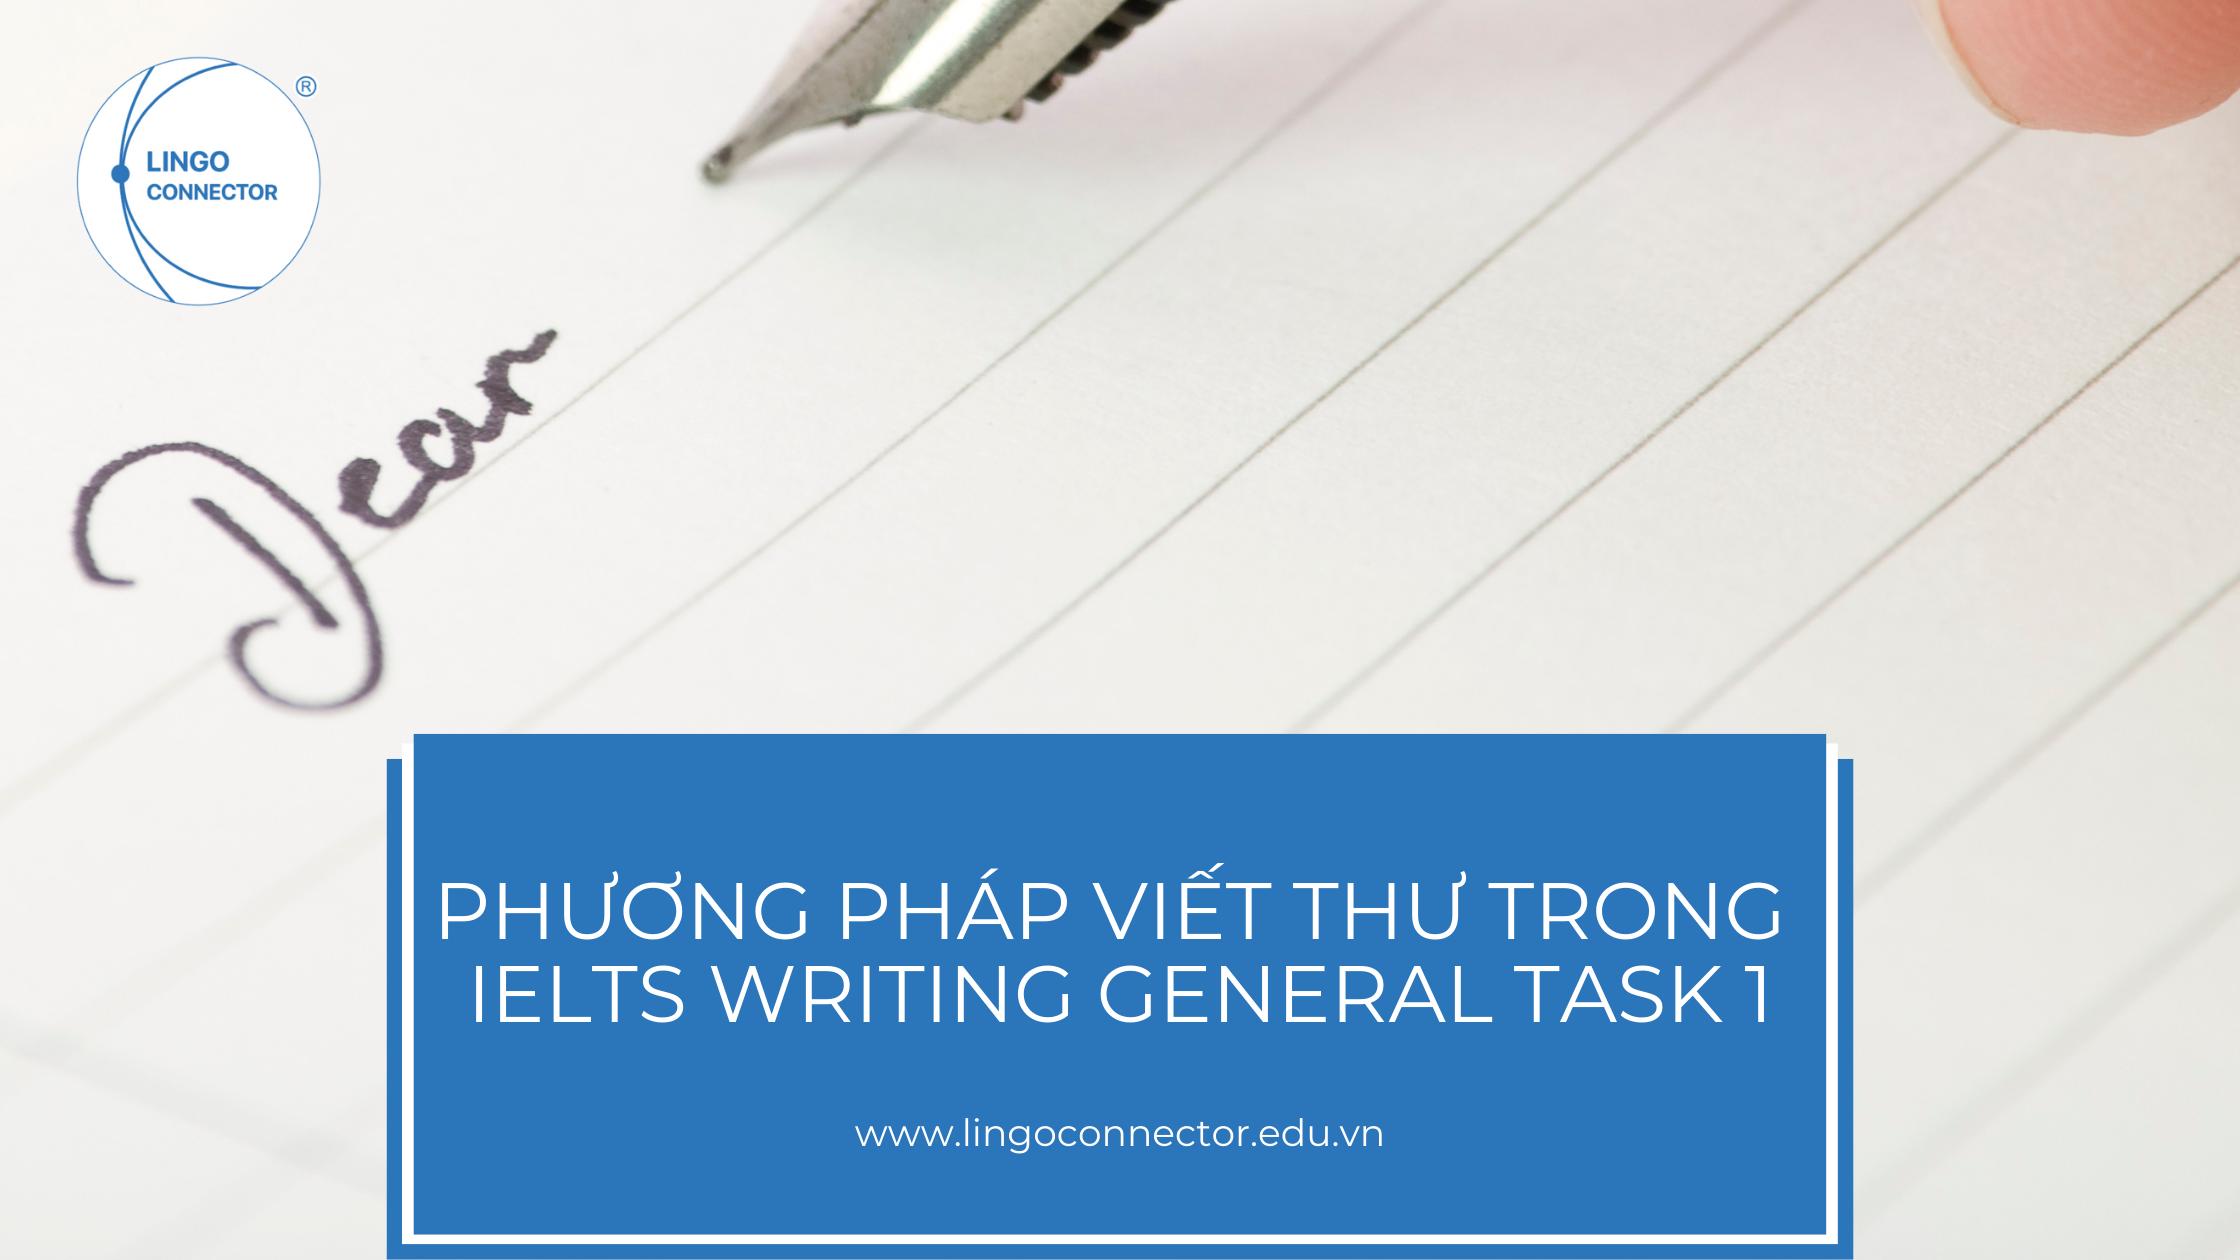 Phương pháp viết THƯ trong IELTS Writing General Task 1